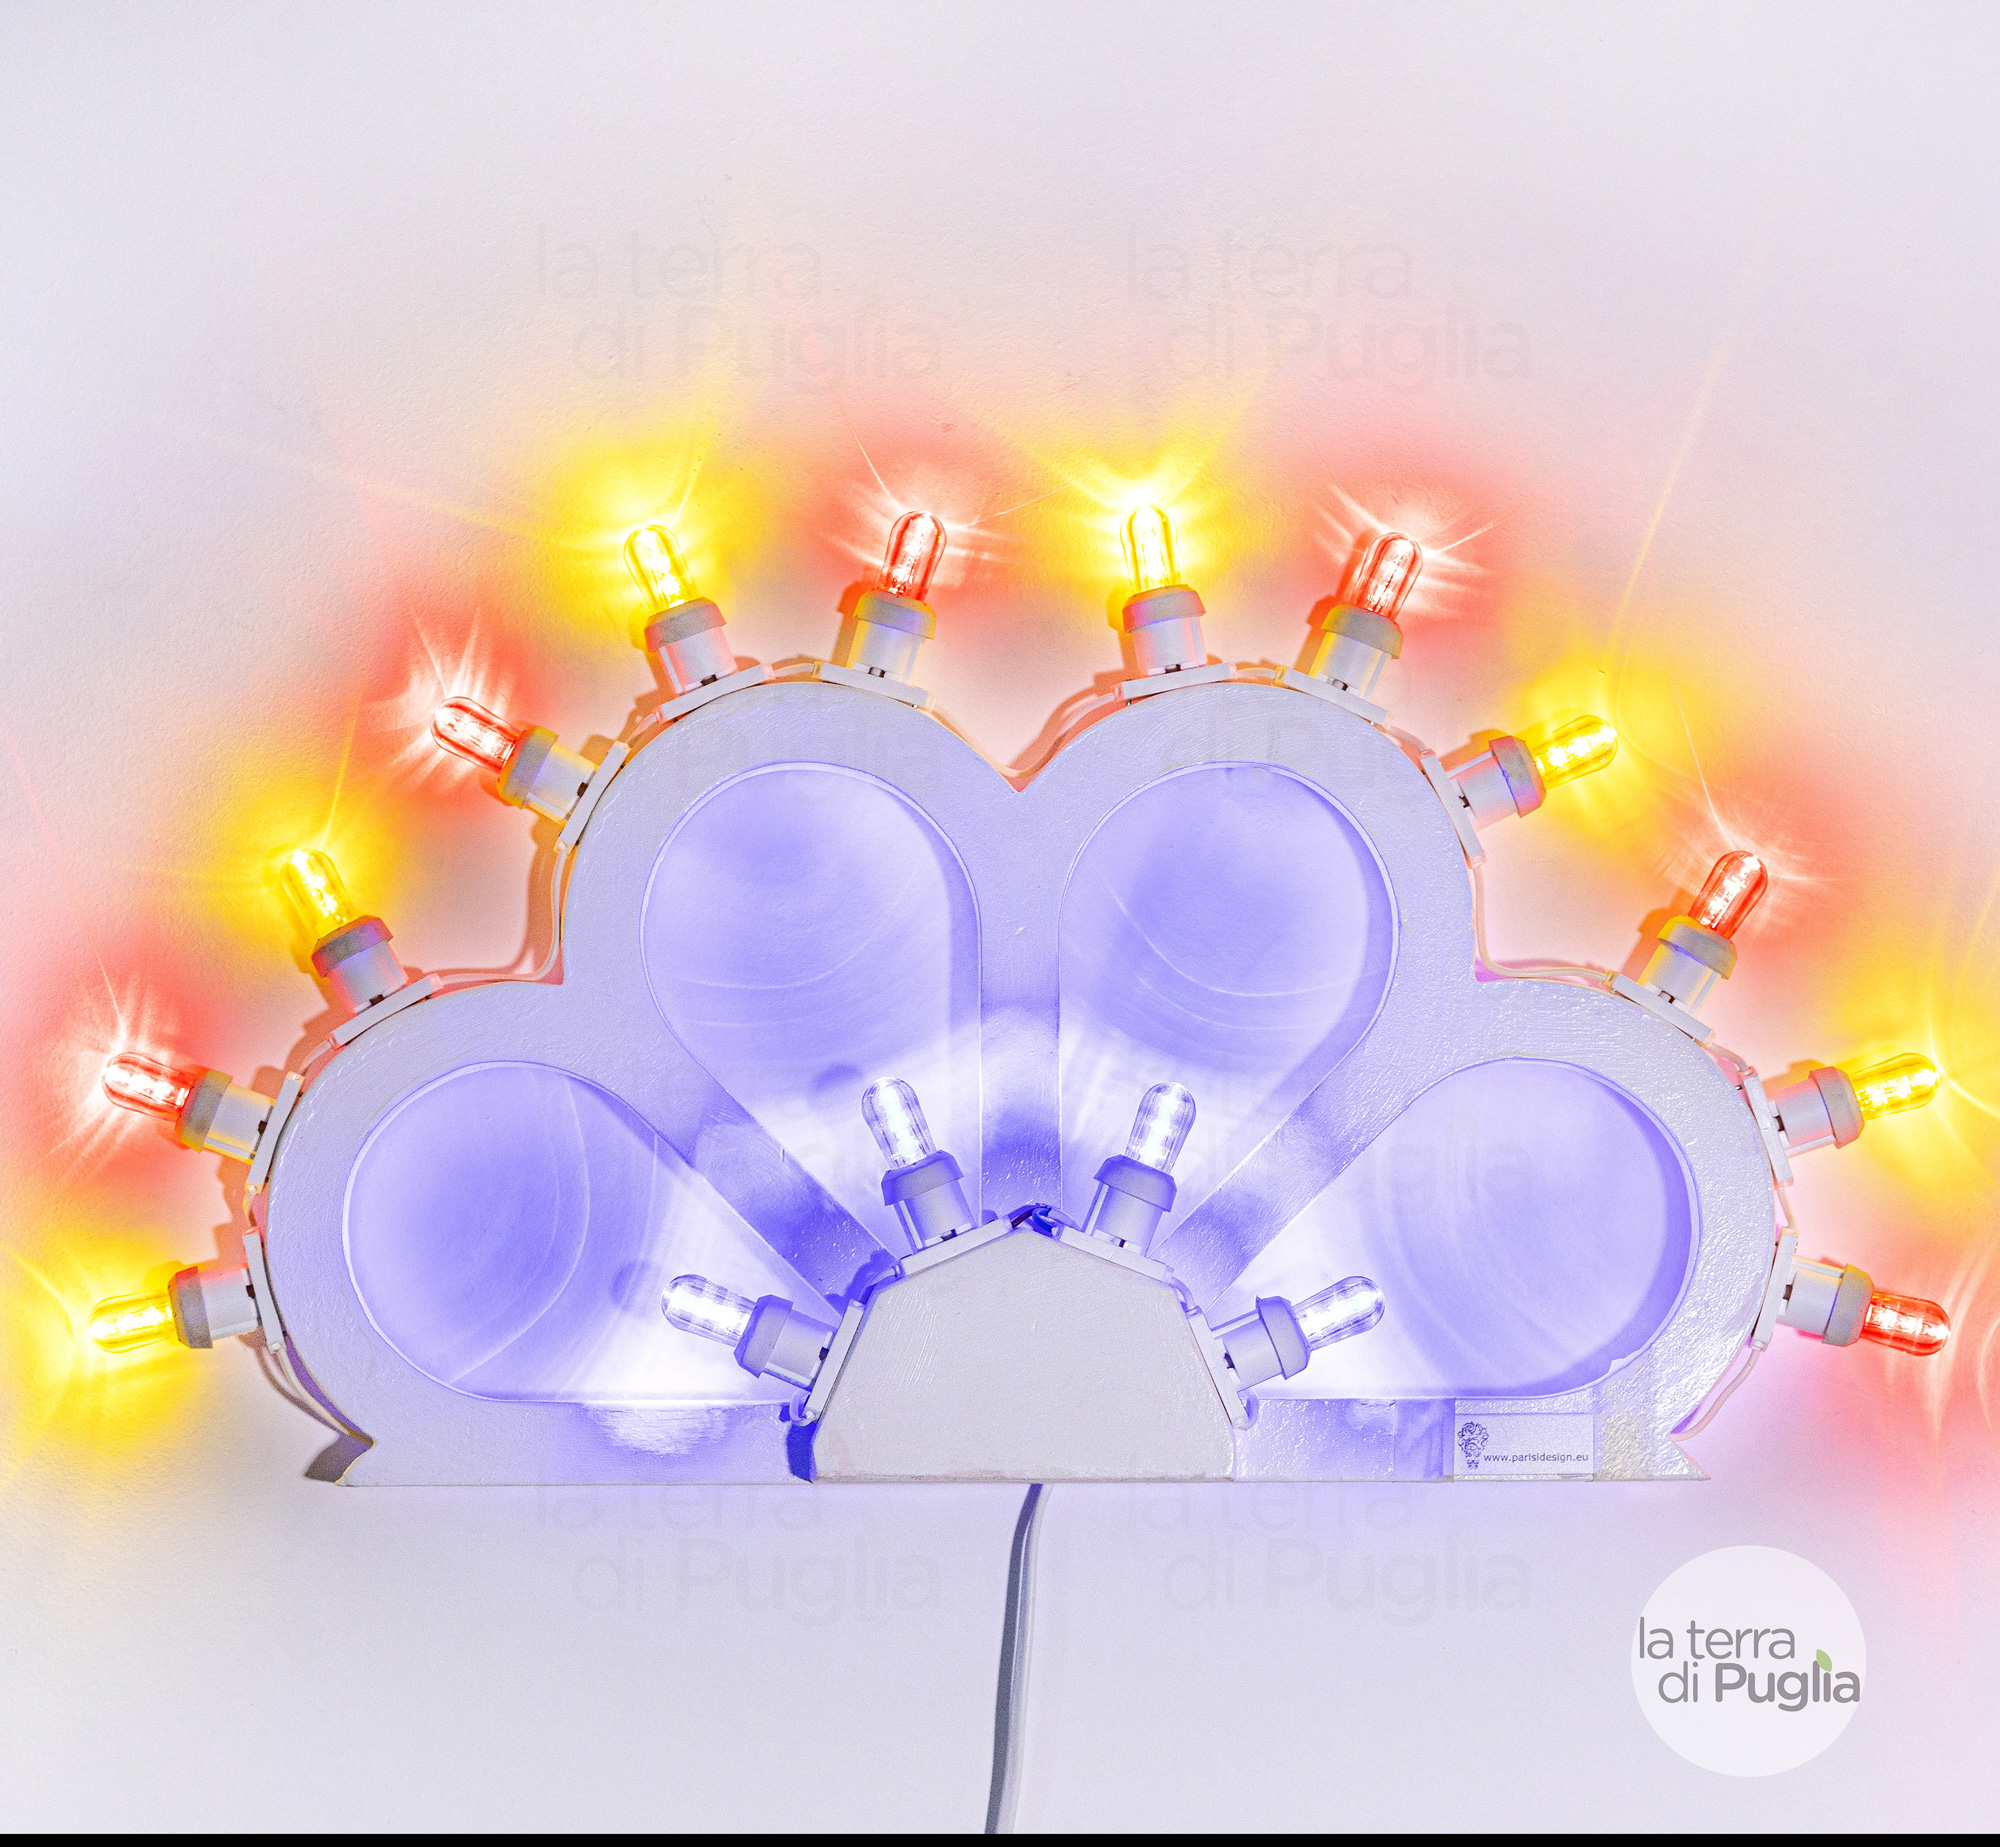 luminaria-mezzo-fiore-bianco